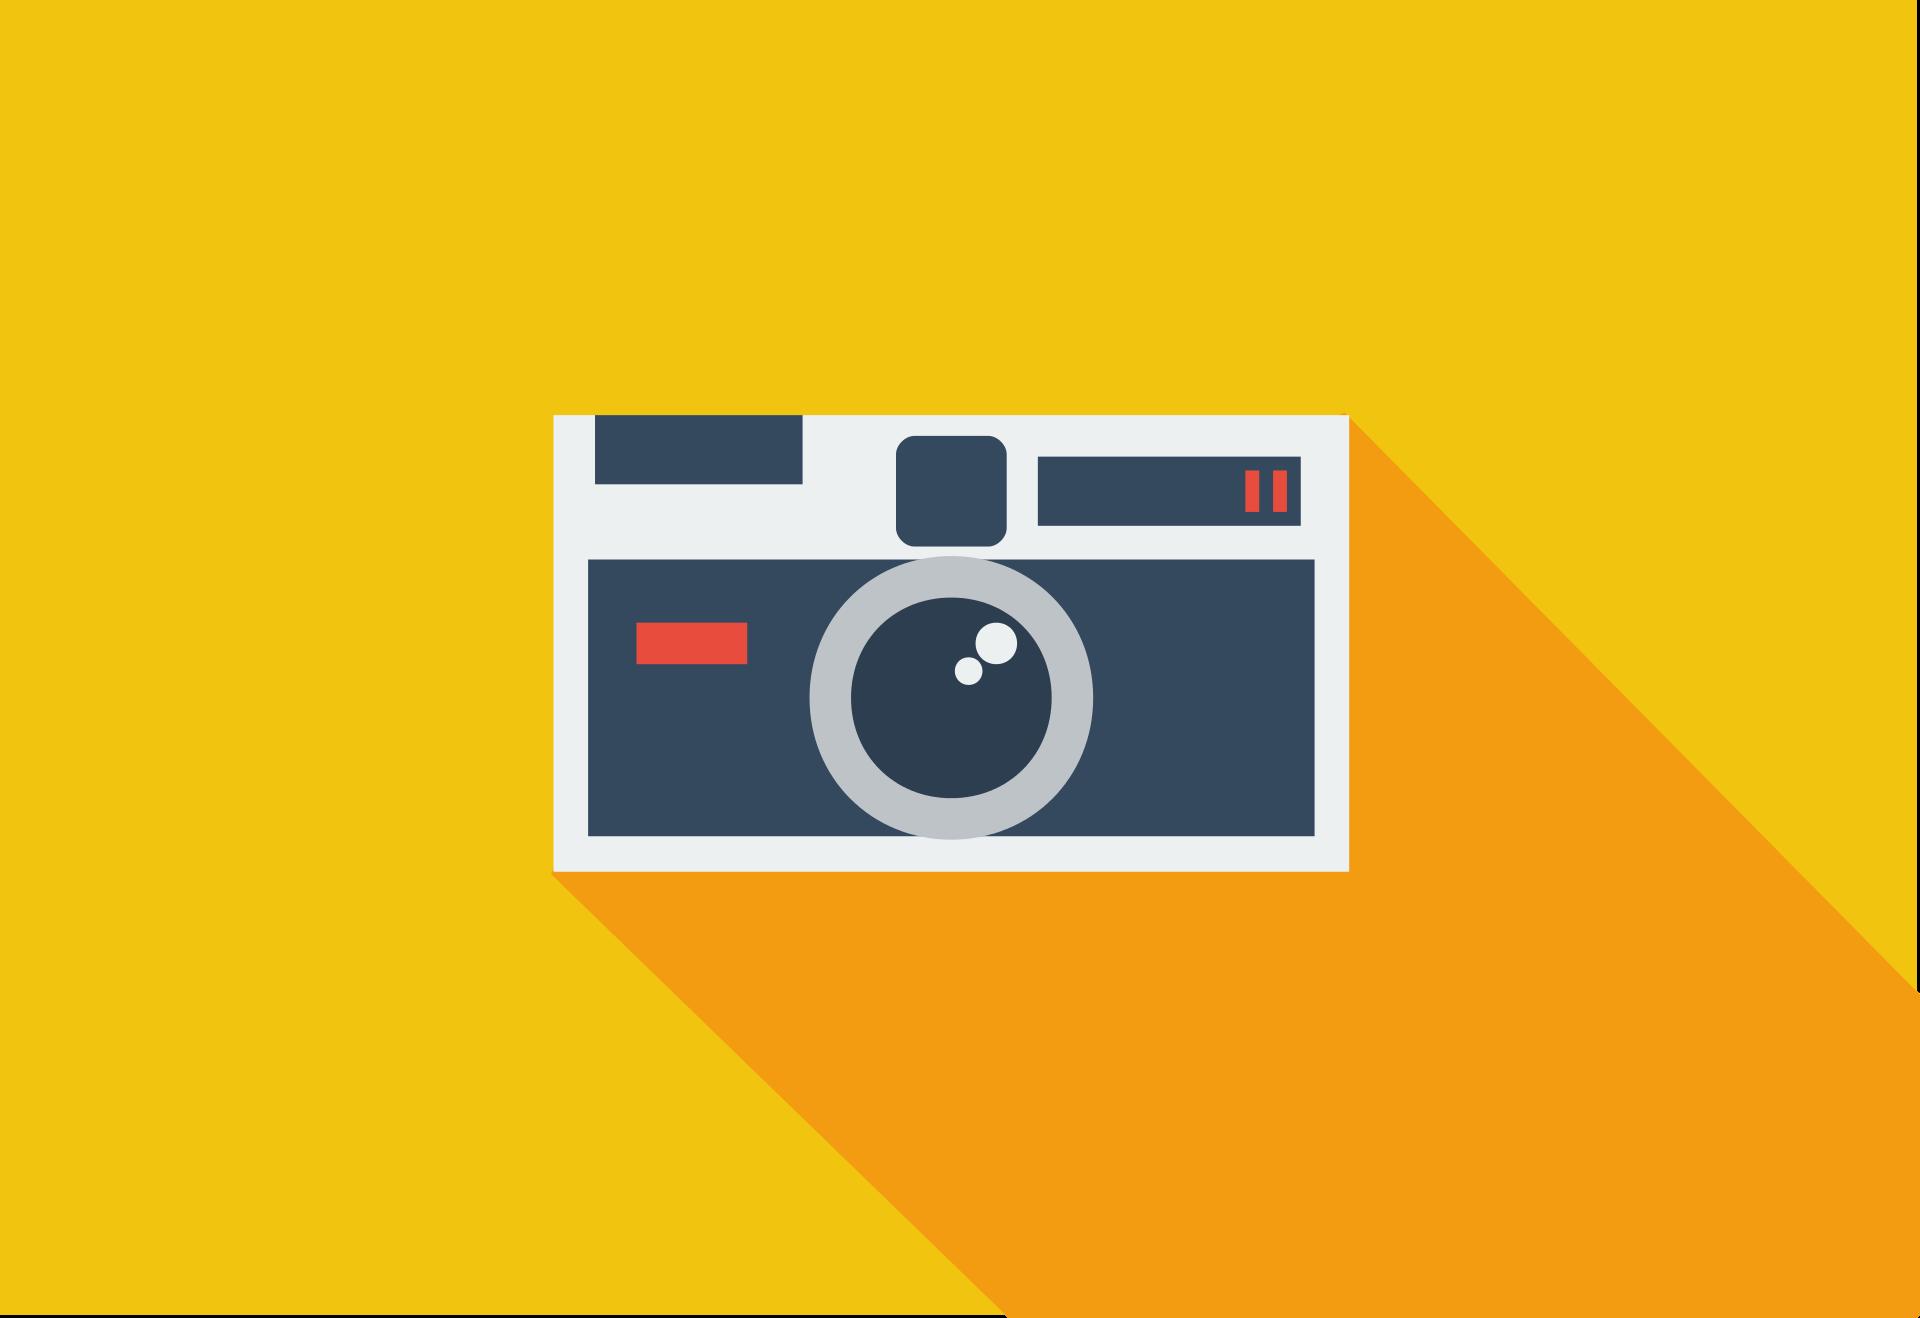 カメラ, 写真, flat design, フラットなデザイン, 黄色 - HD の壁紙 - 教授-falken.com